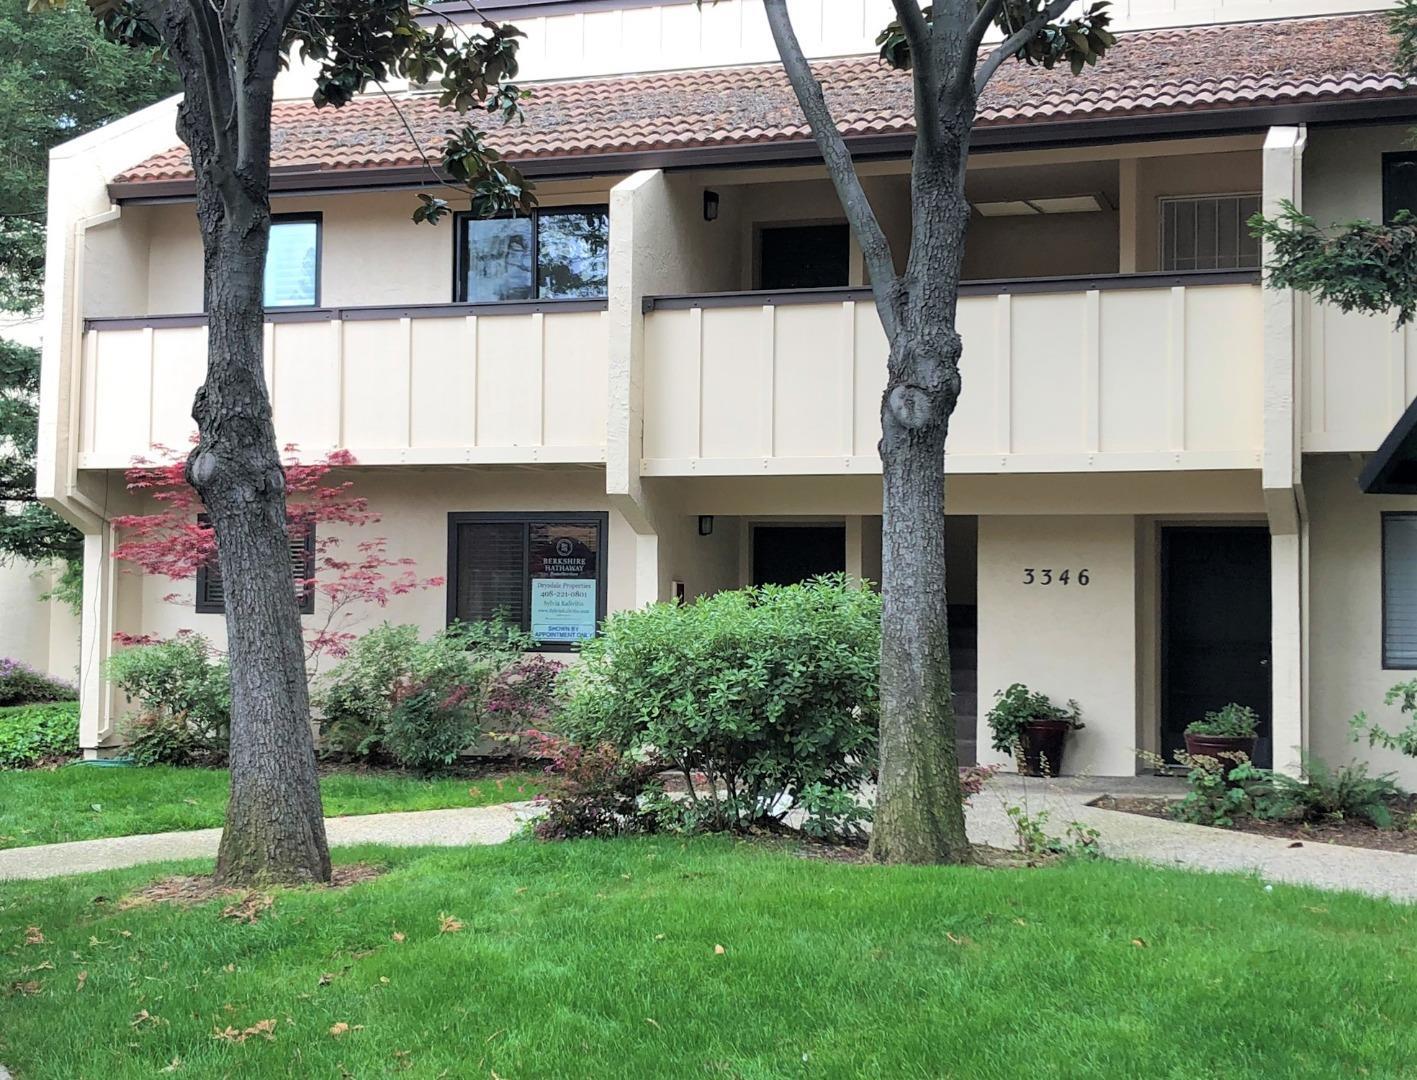 3346 Kimber CT 13, SAN JOSE, California